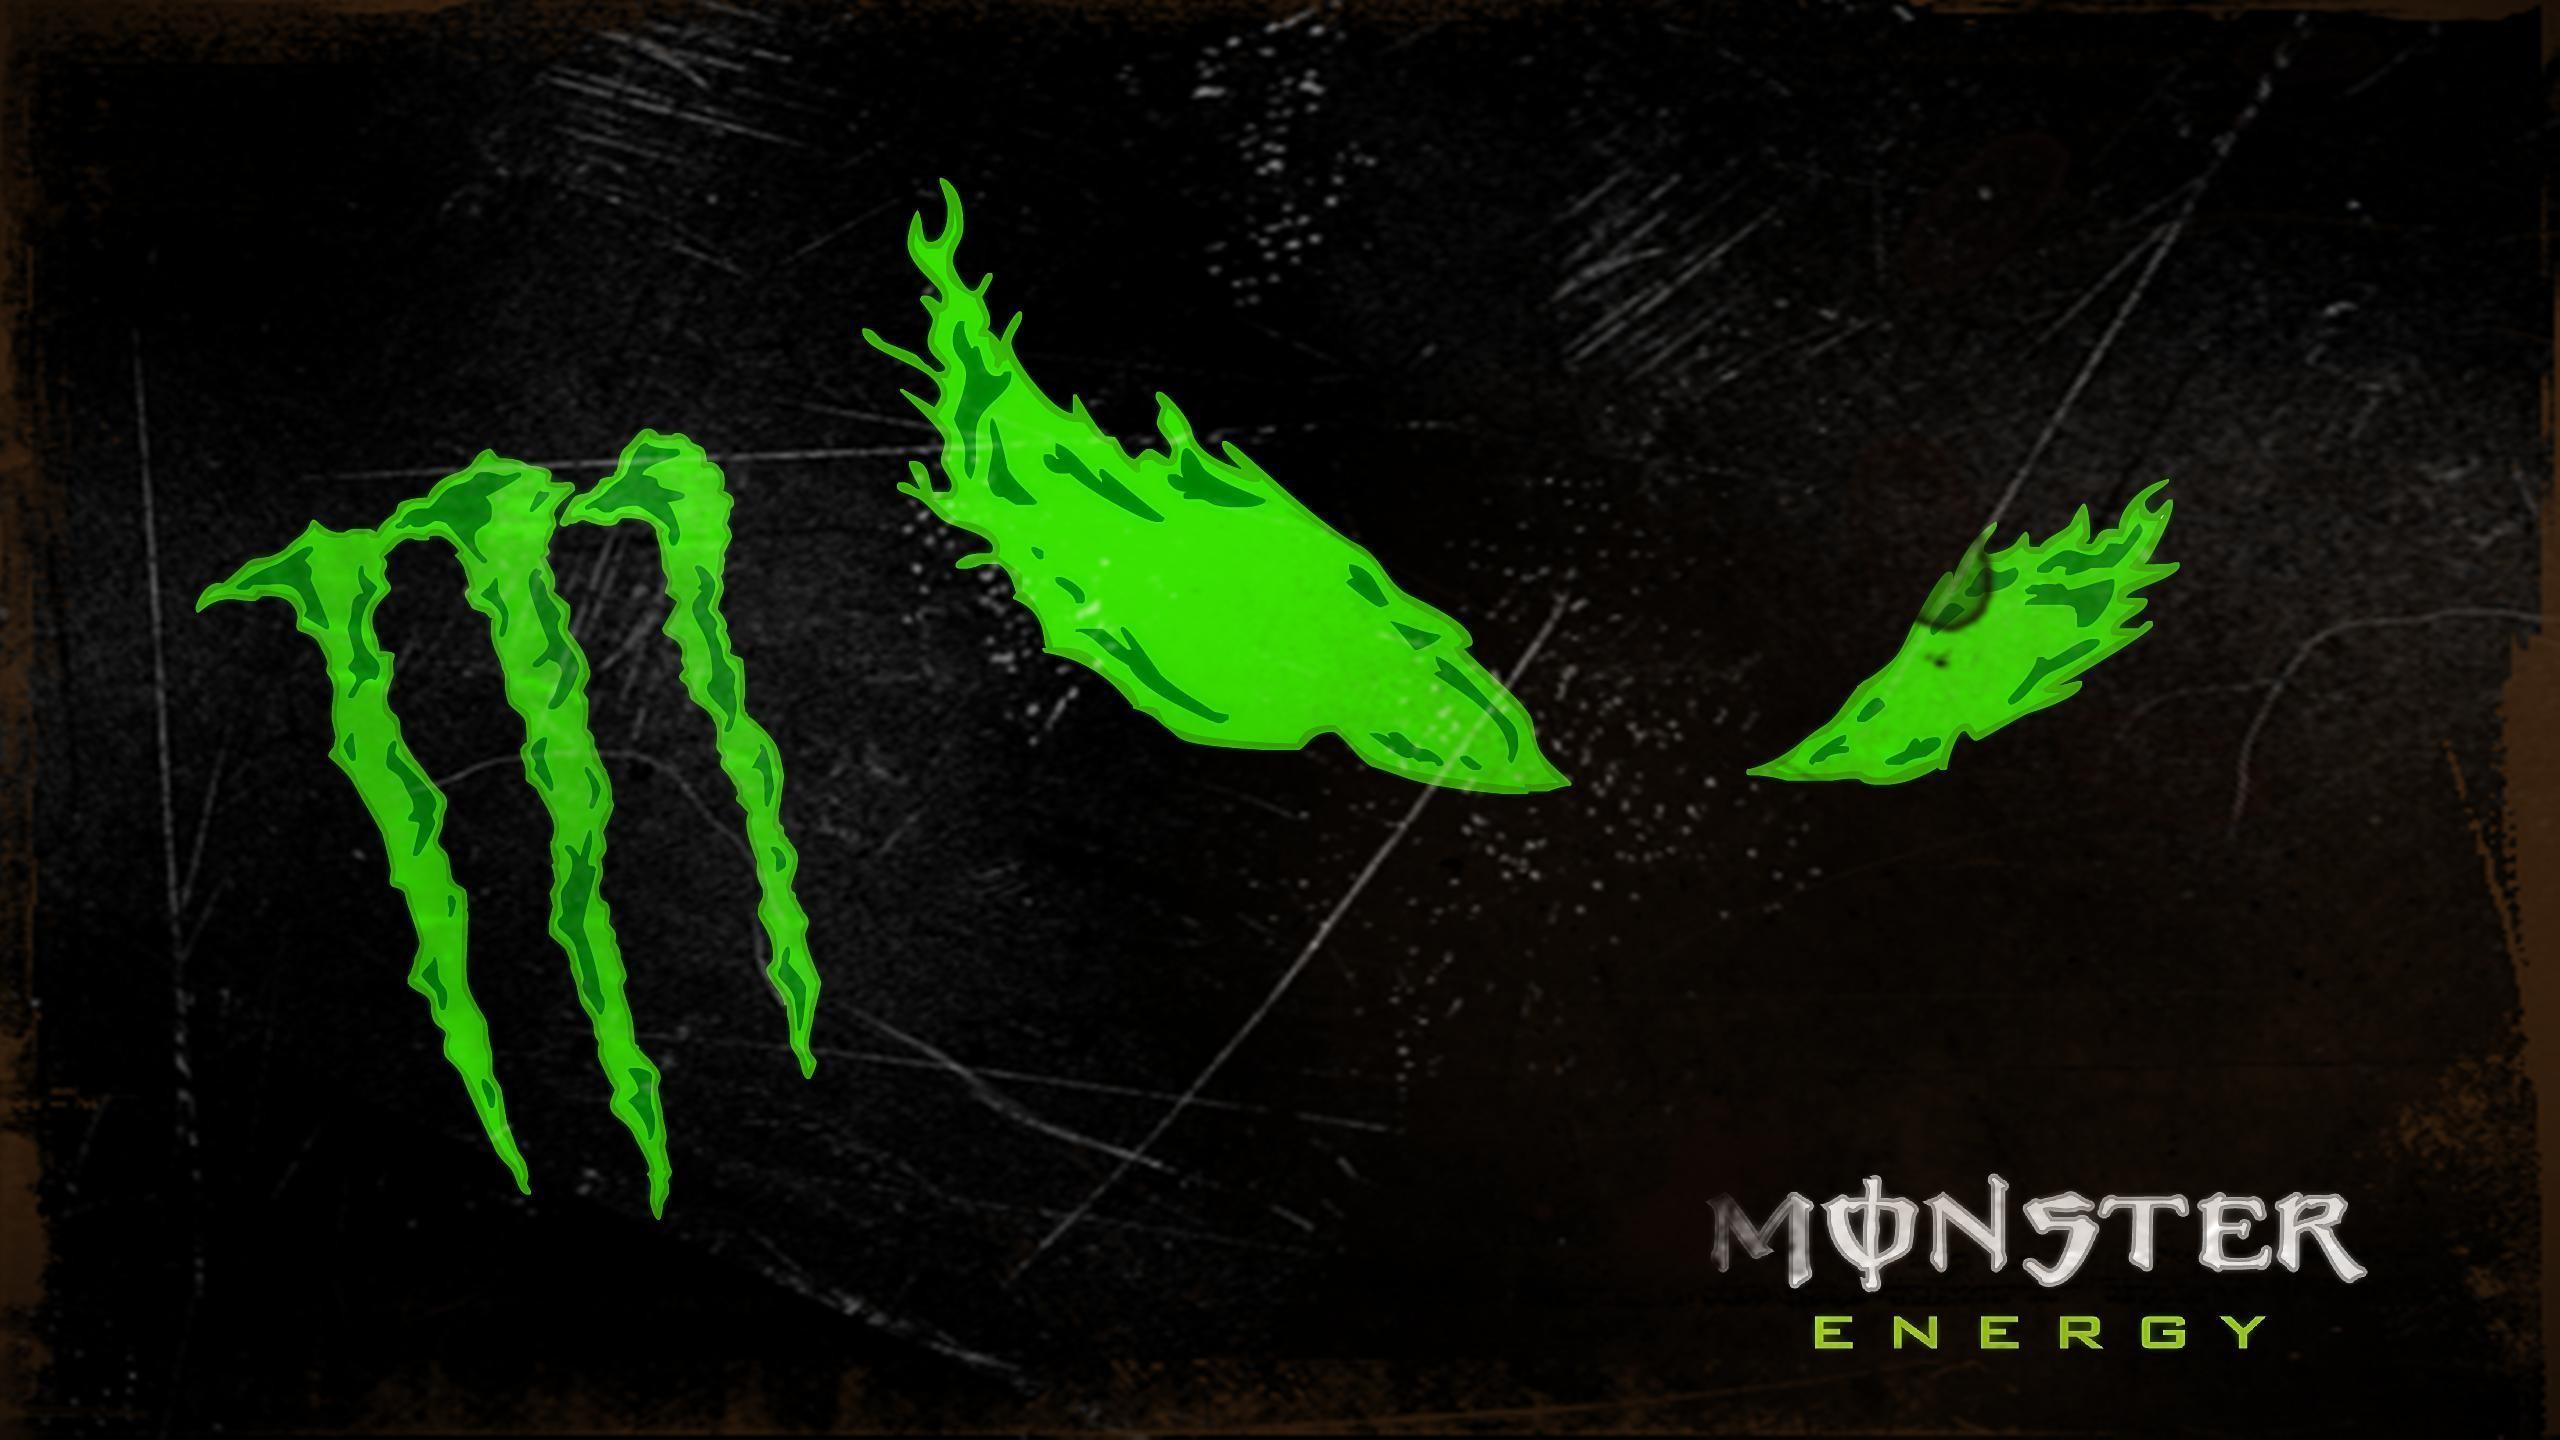 2560x1440 Monster Energy Logo Wallpaper Image #8792 Wallpaper | Wallpaper . Images